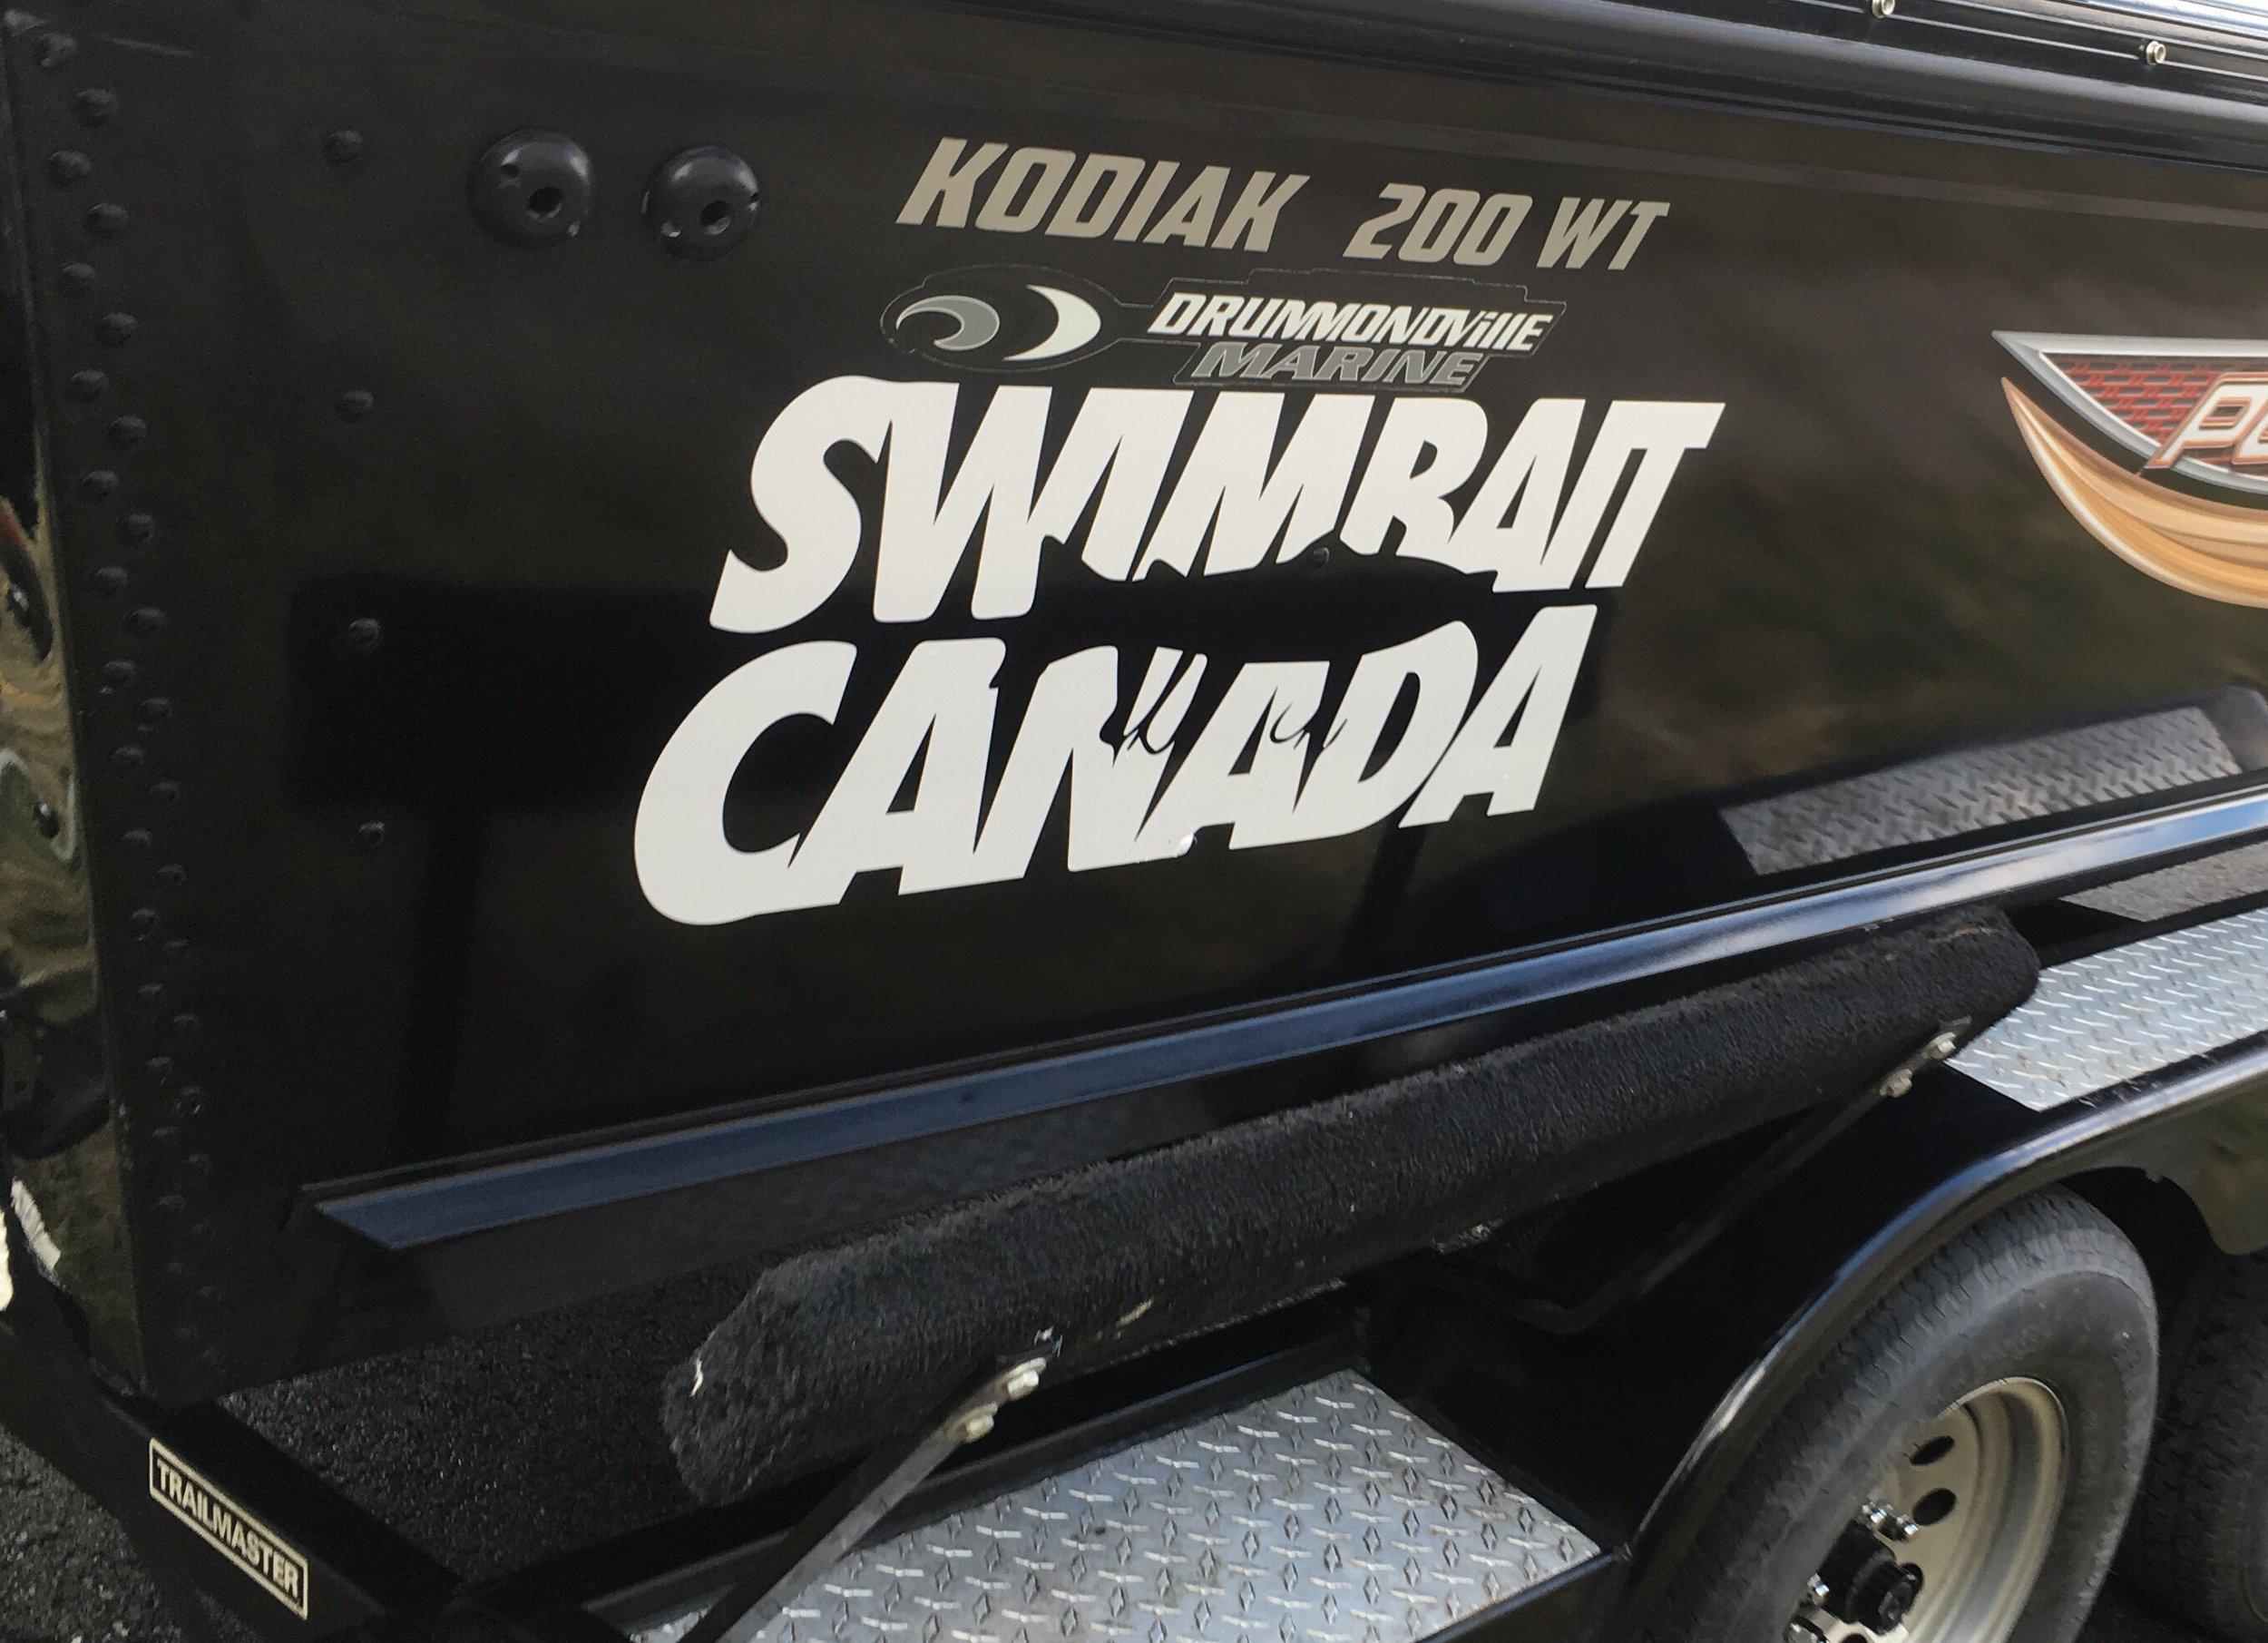 swimbait canada die cut stickers